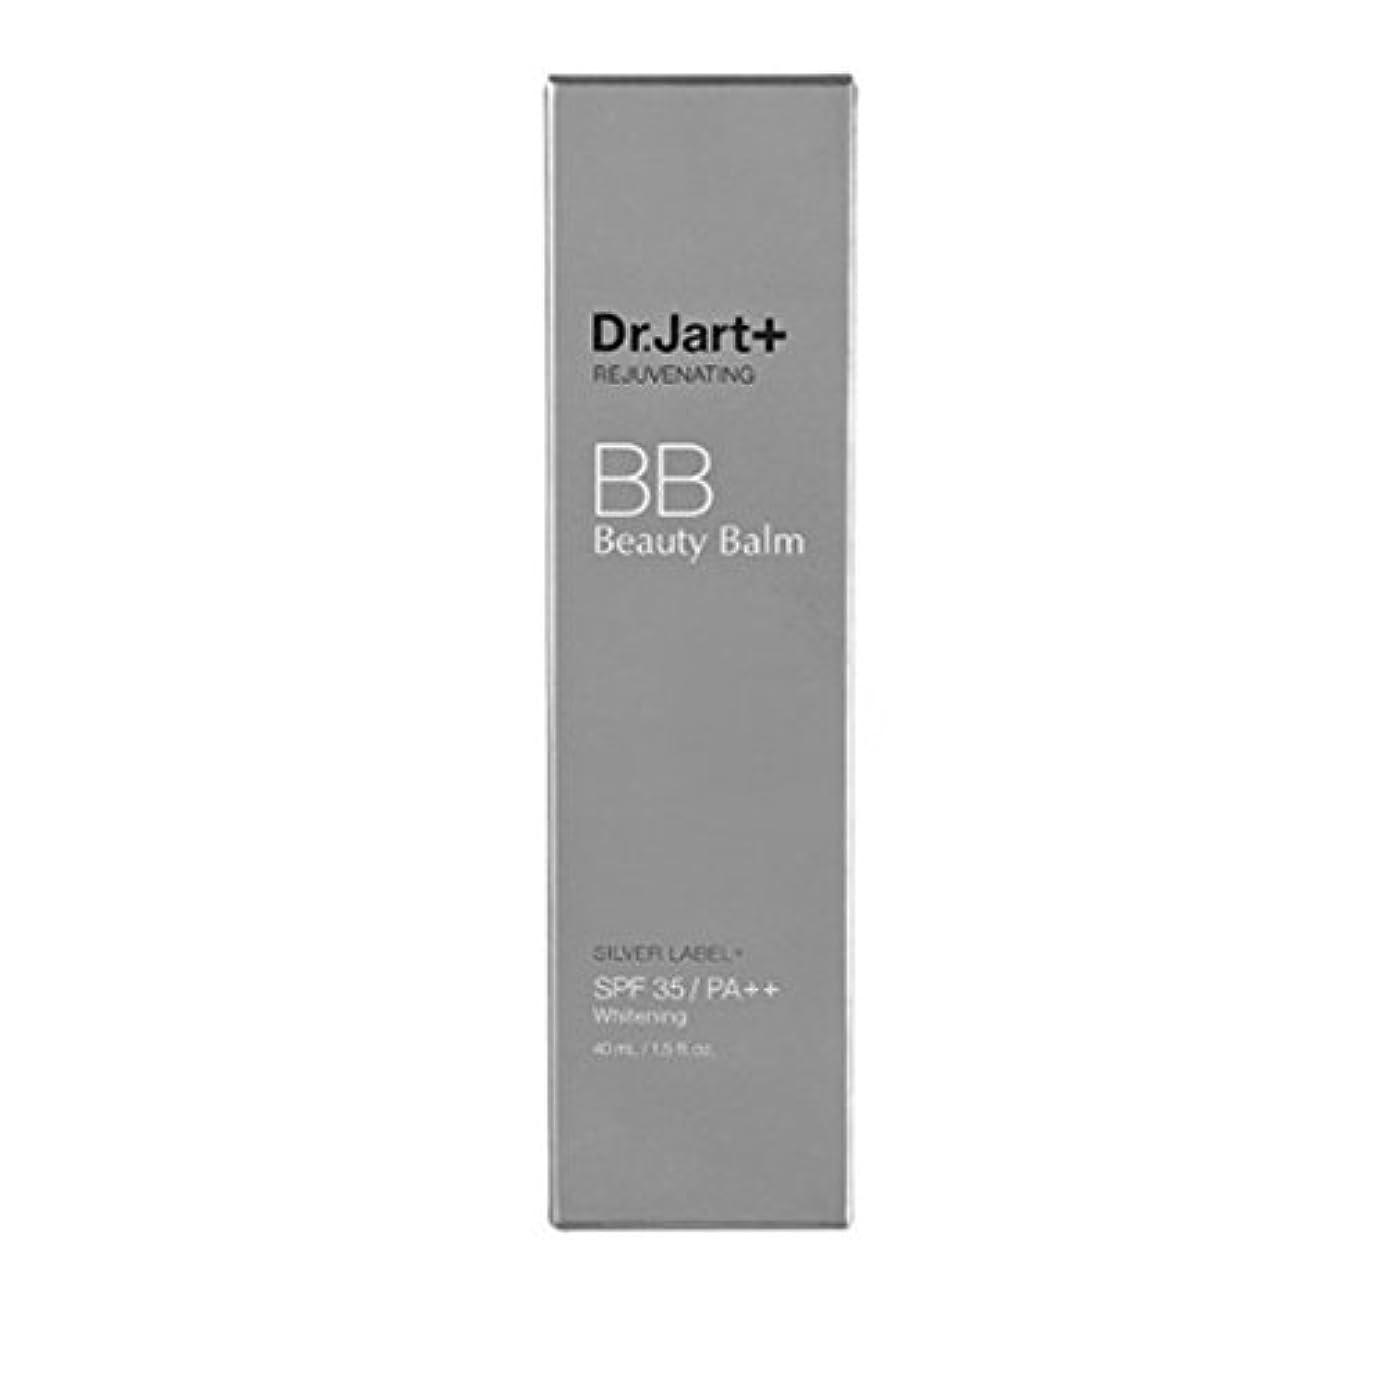 あいさつ固める浸したドクタージャルトゥ(Dr.Jart+) リージュビネイティンビューティーbalm 40ml x 2本セットシルバーラベルBBクリーム (SPF35 / PA++)、Dr.Jart+ Rejuvenating Beauty...